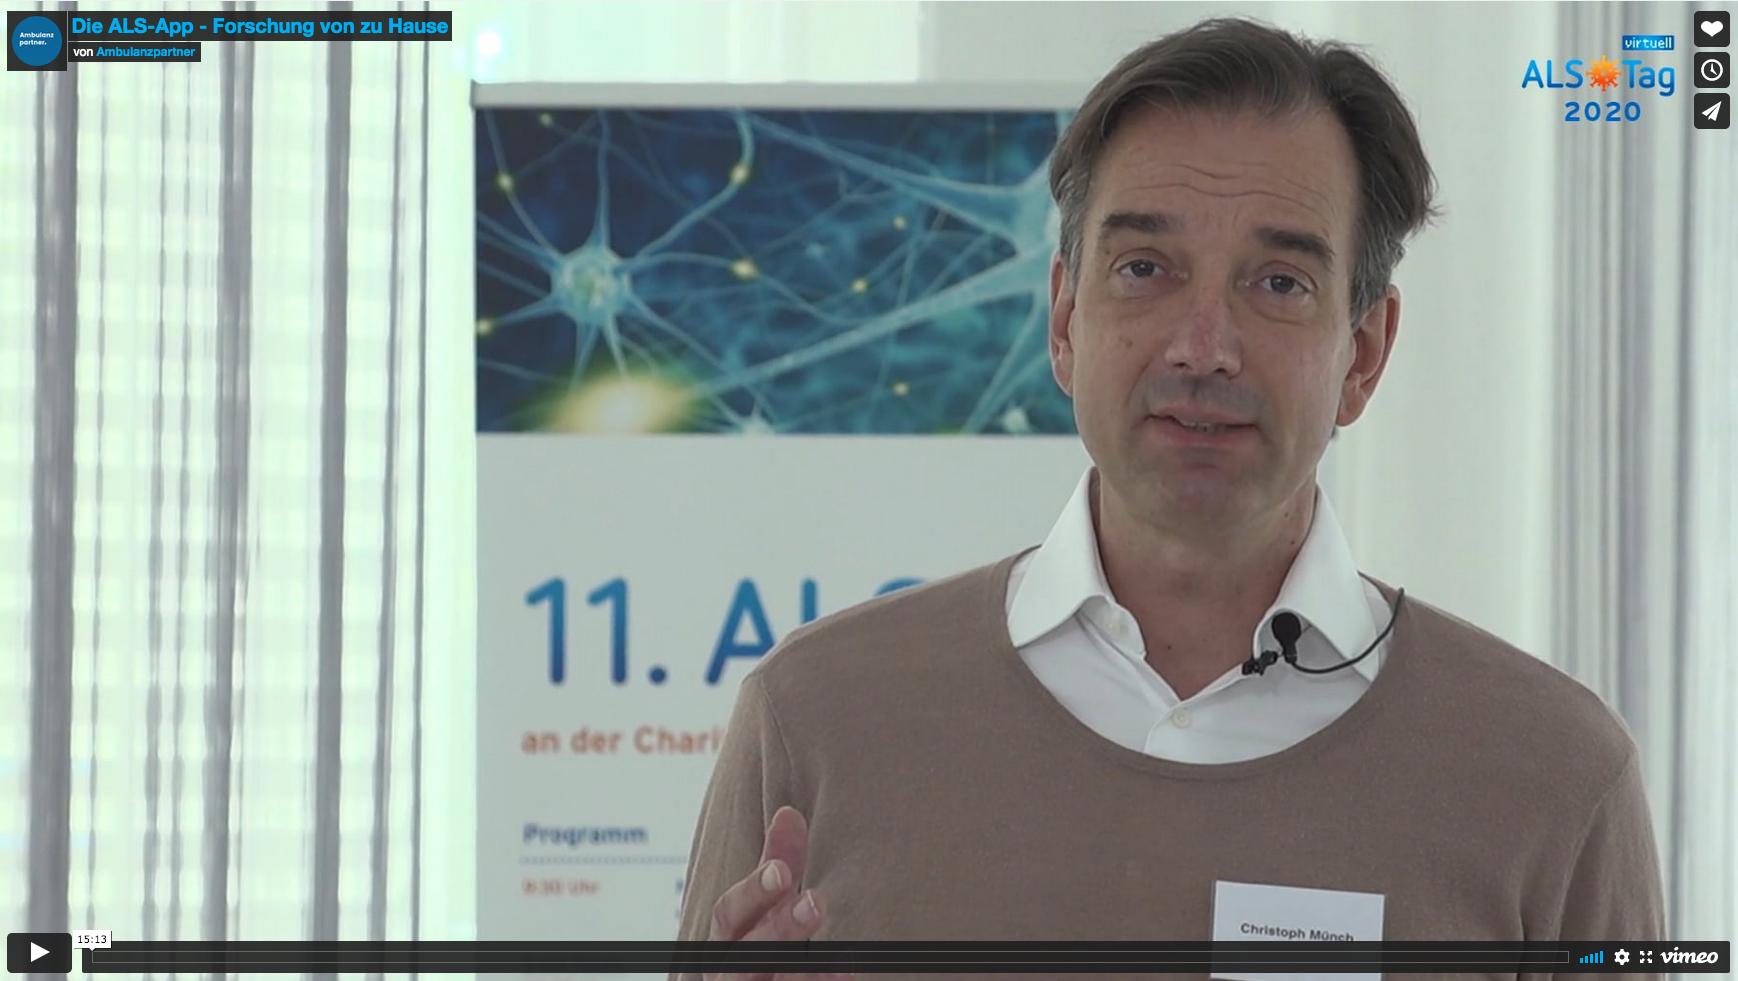 Video: Vorstellung der ALS-App auf dem ALS-Tag der Charité 2020